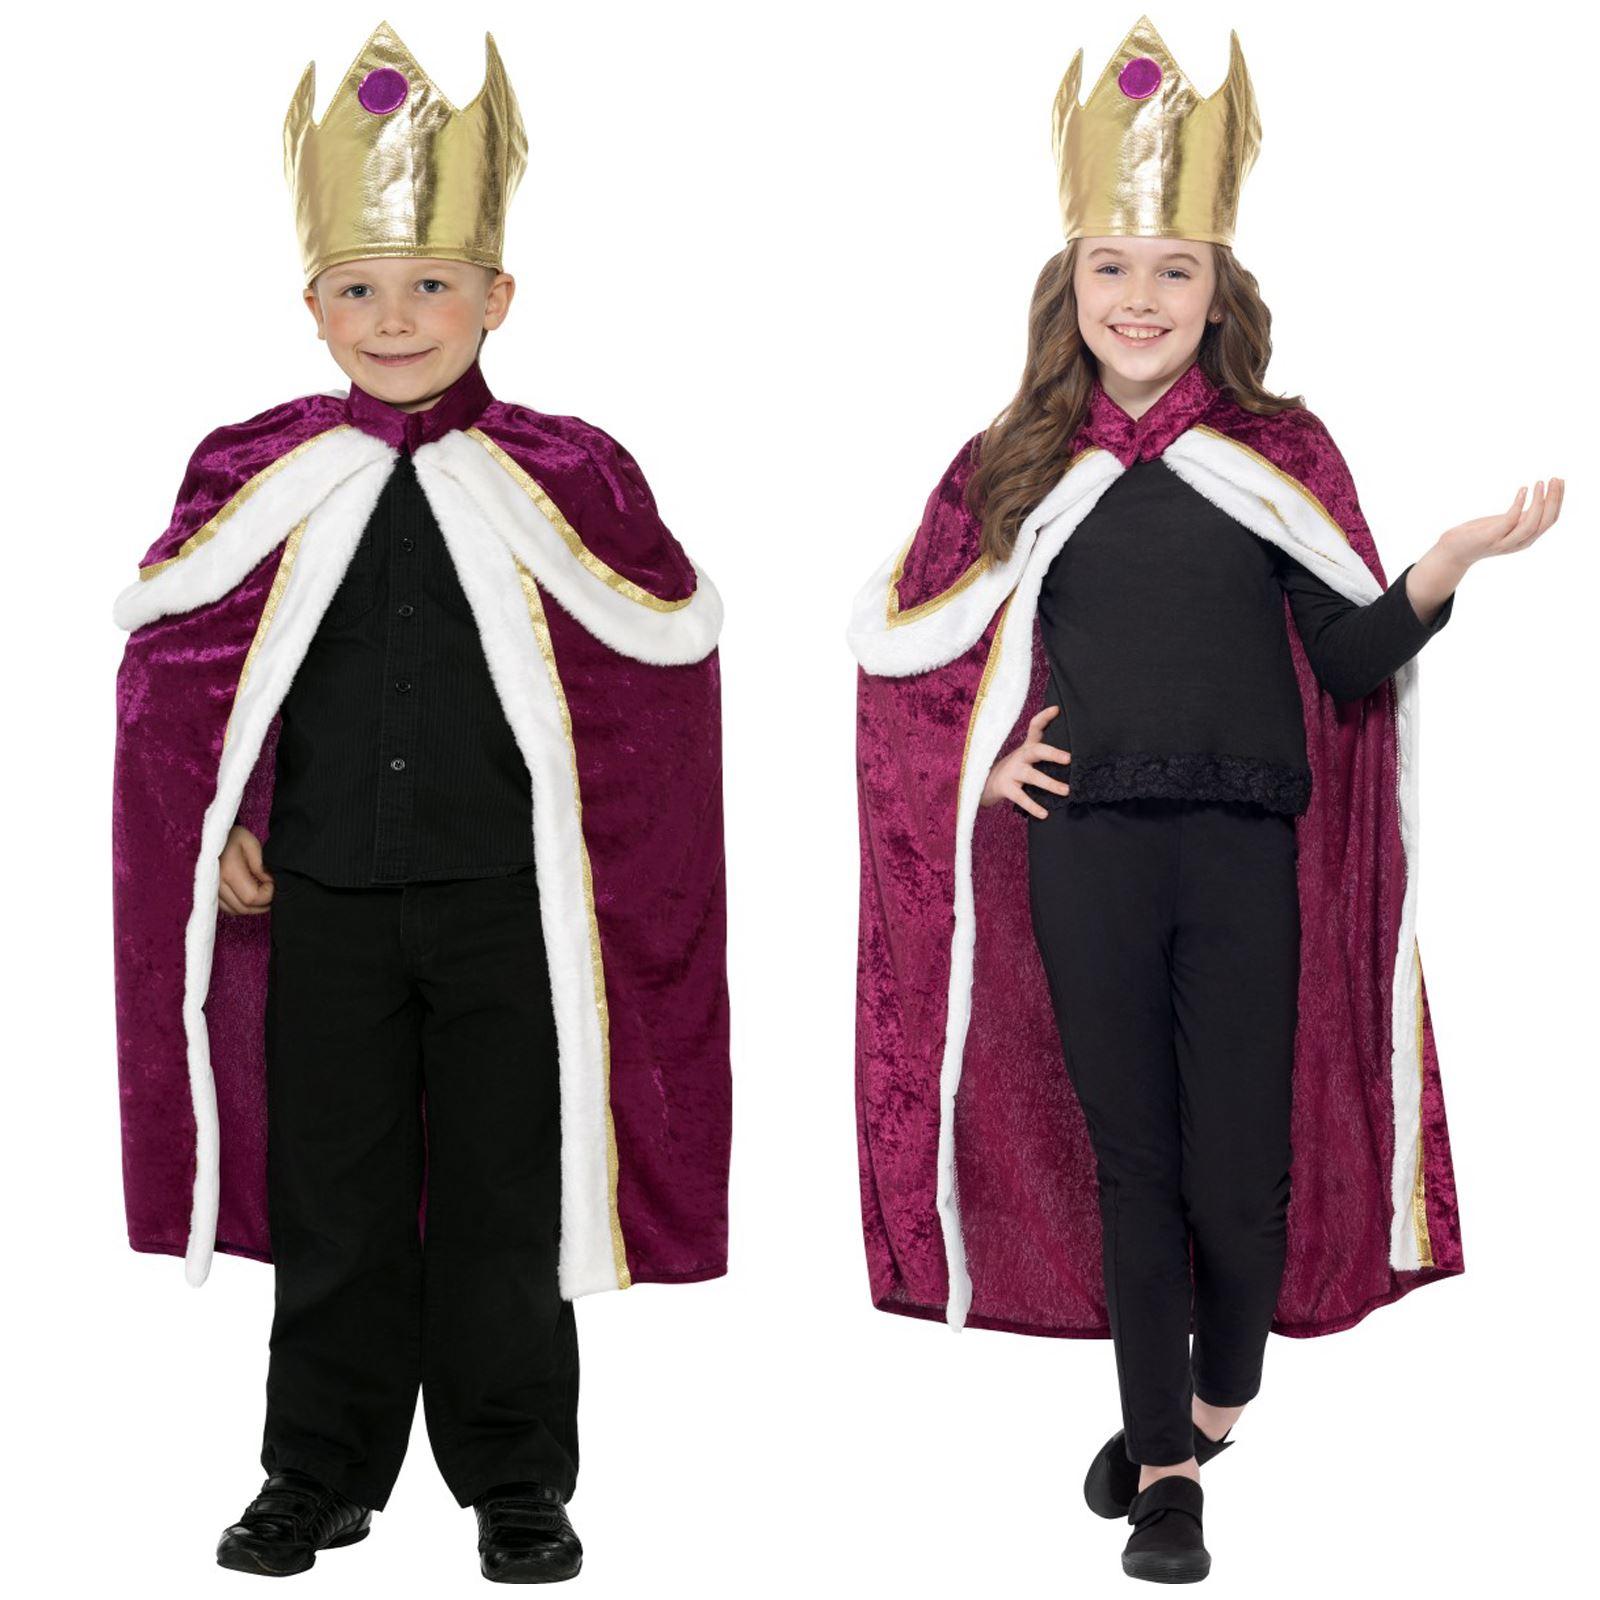 5338beae5c23 bambini ragazzi ragazze NATALE NATIVITà RECITA SCOLASTICA Biblica | eBay